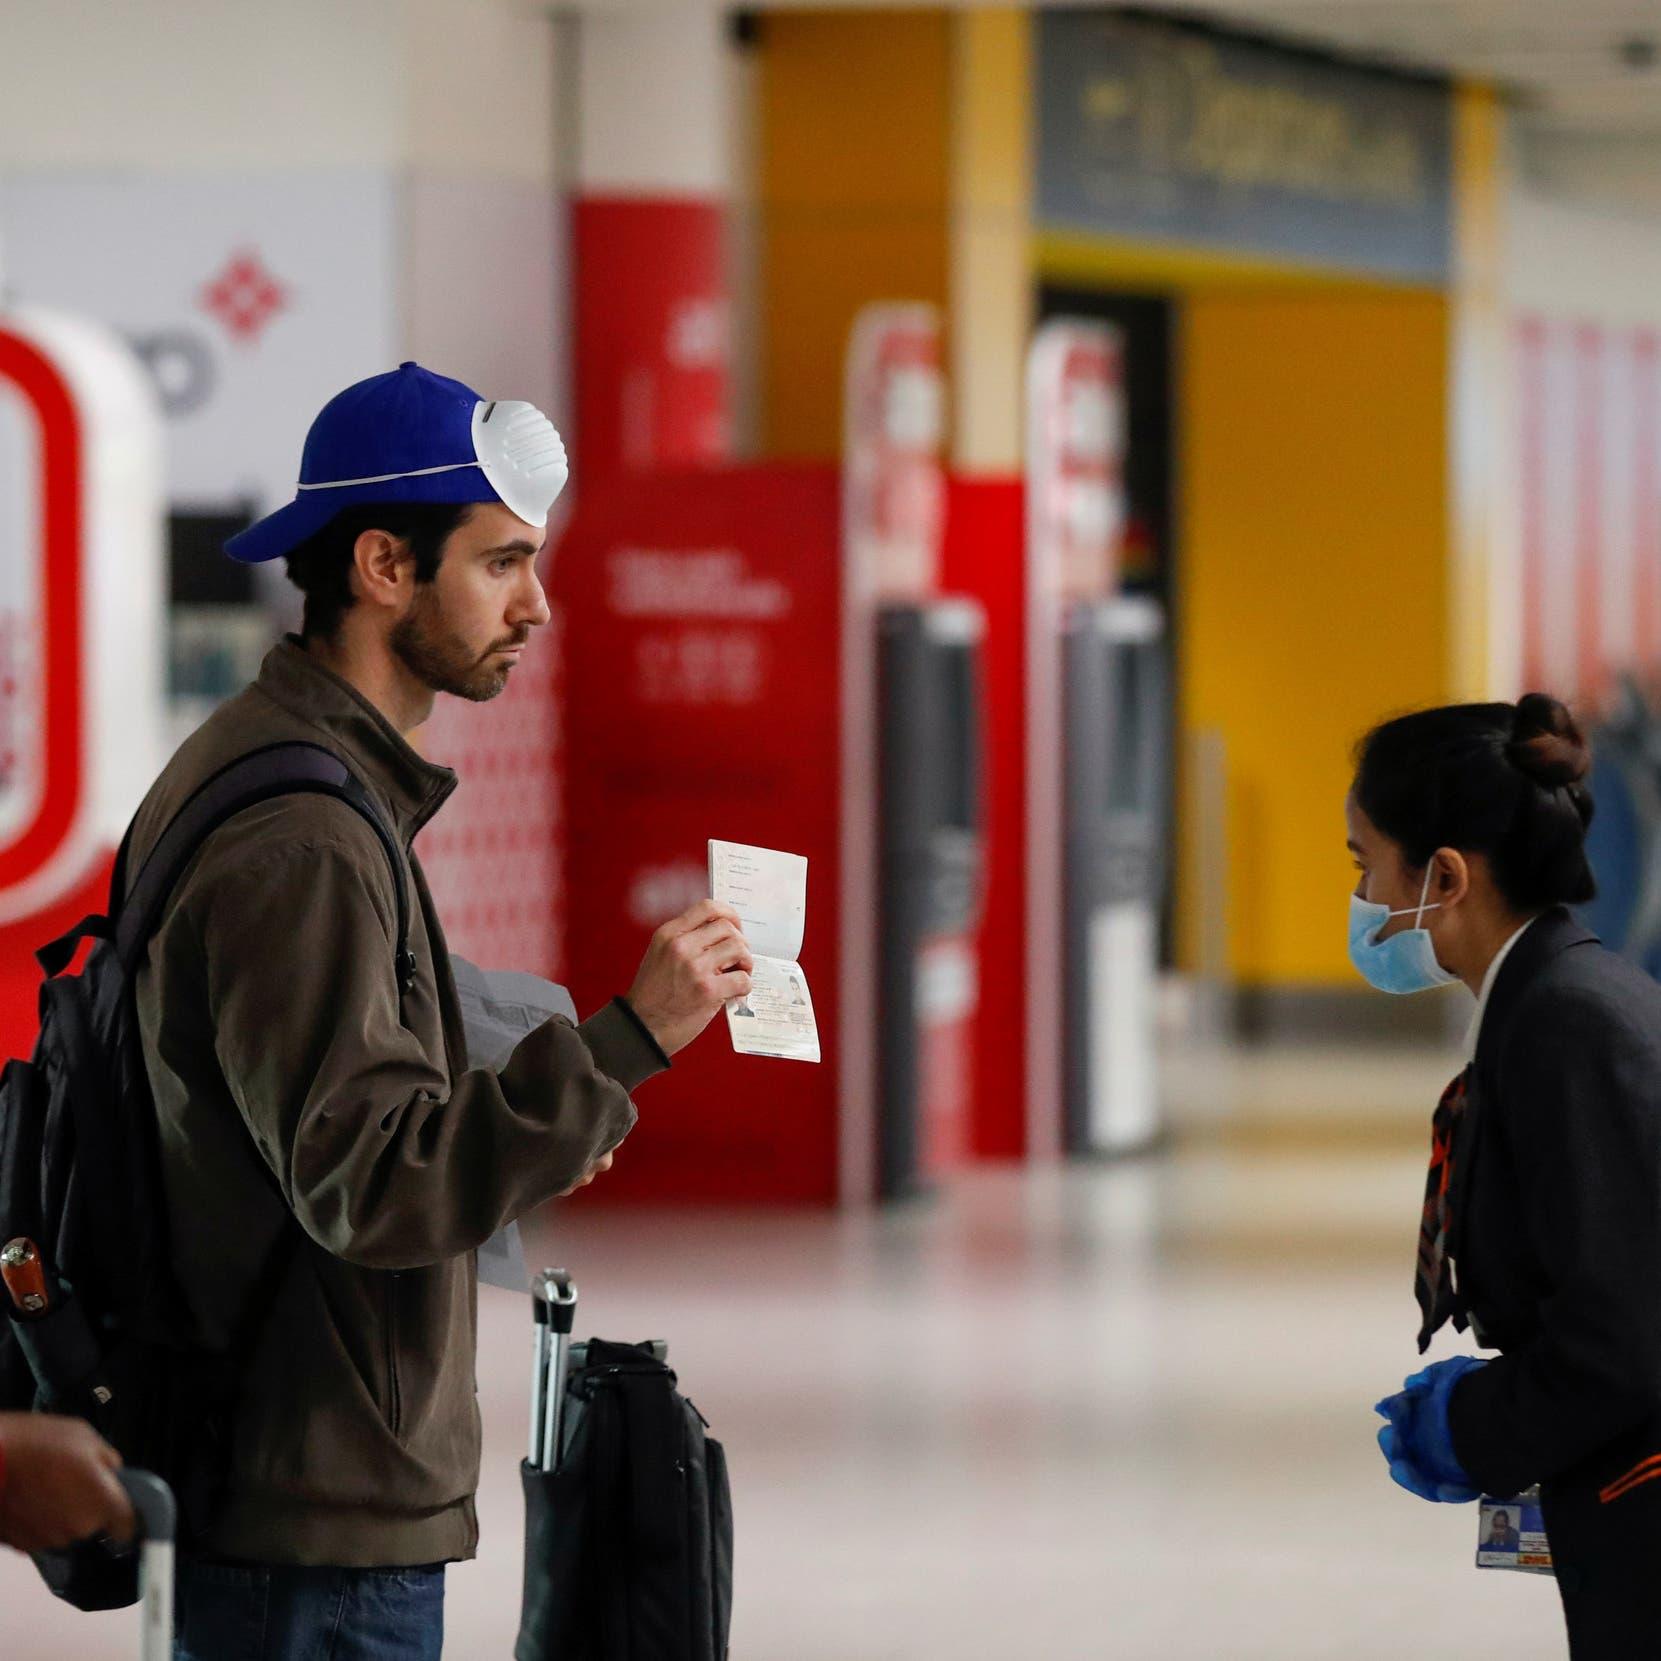 جواز سفر كورونا الأوروبي يعترف بـ 4 لقاحات فقط